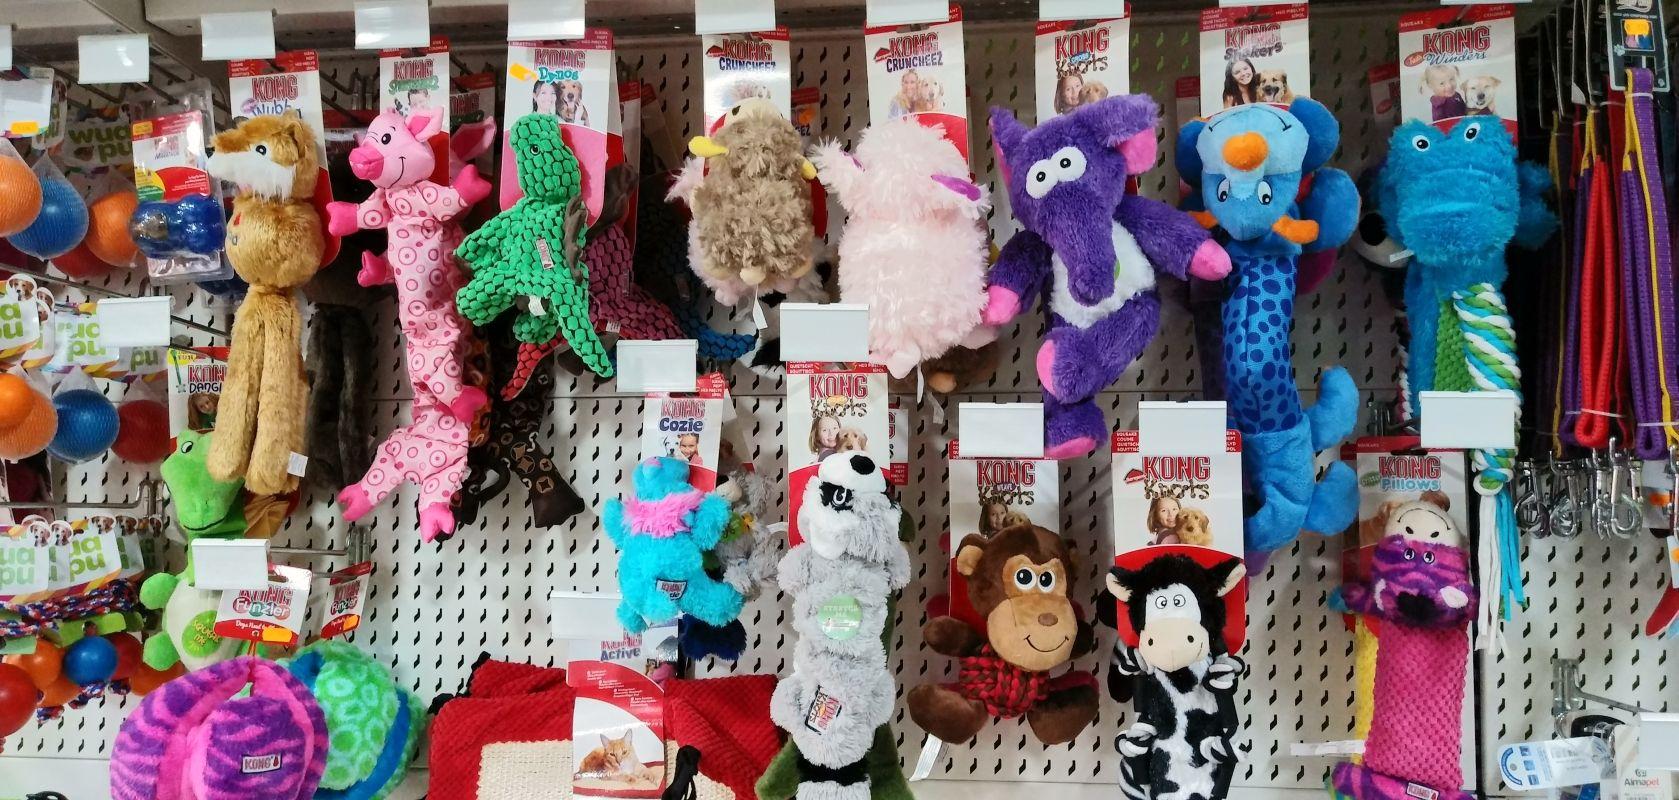 Tienda de accesorios para animales en Valladolid